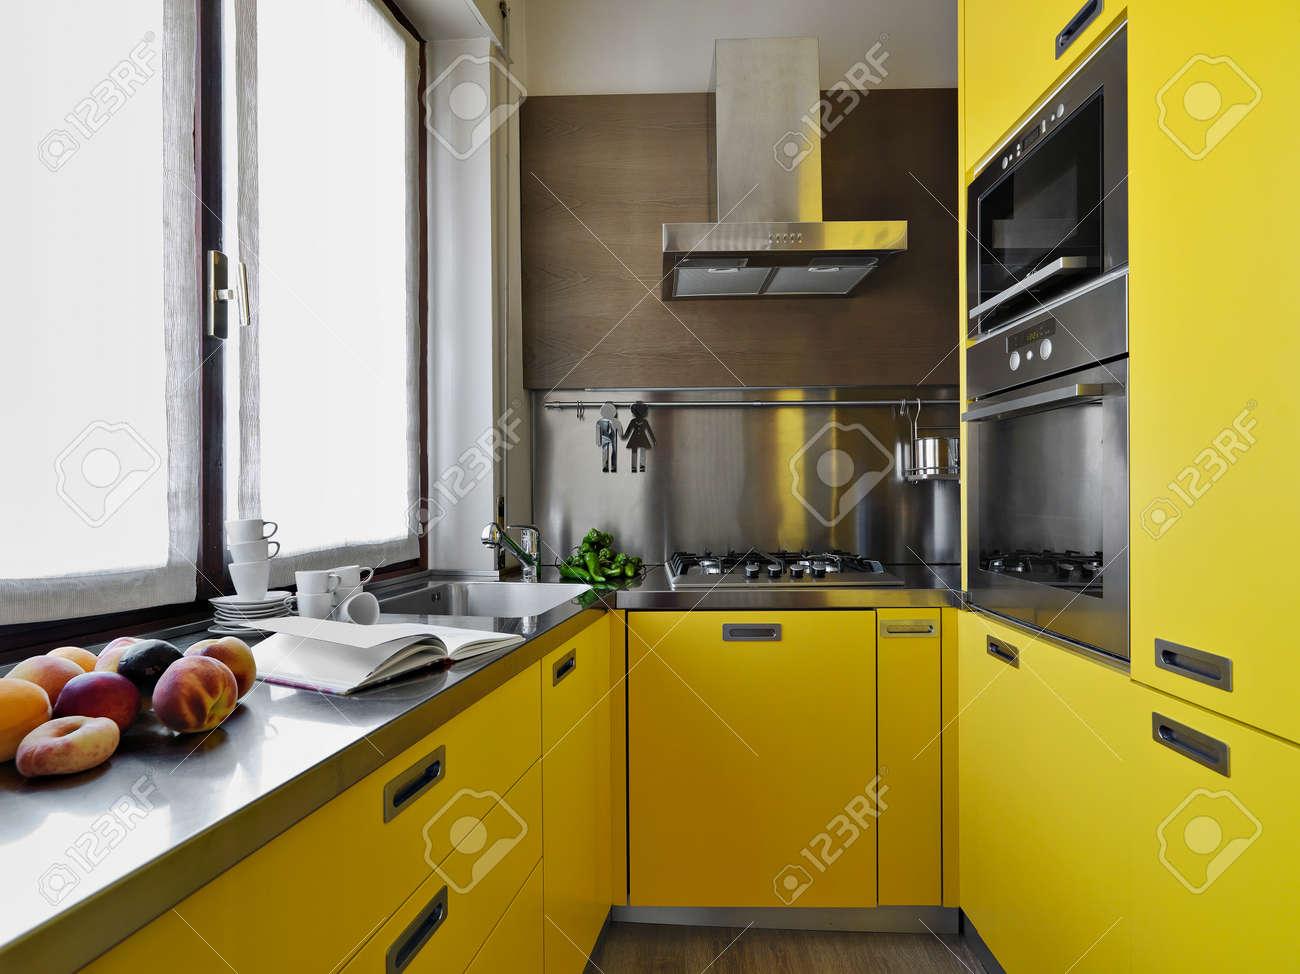 Cuisine Moderne Jaune vue antérieure d'une cuisine moderne jaune banque d'images et photos